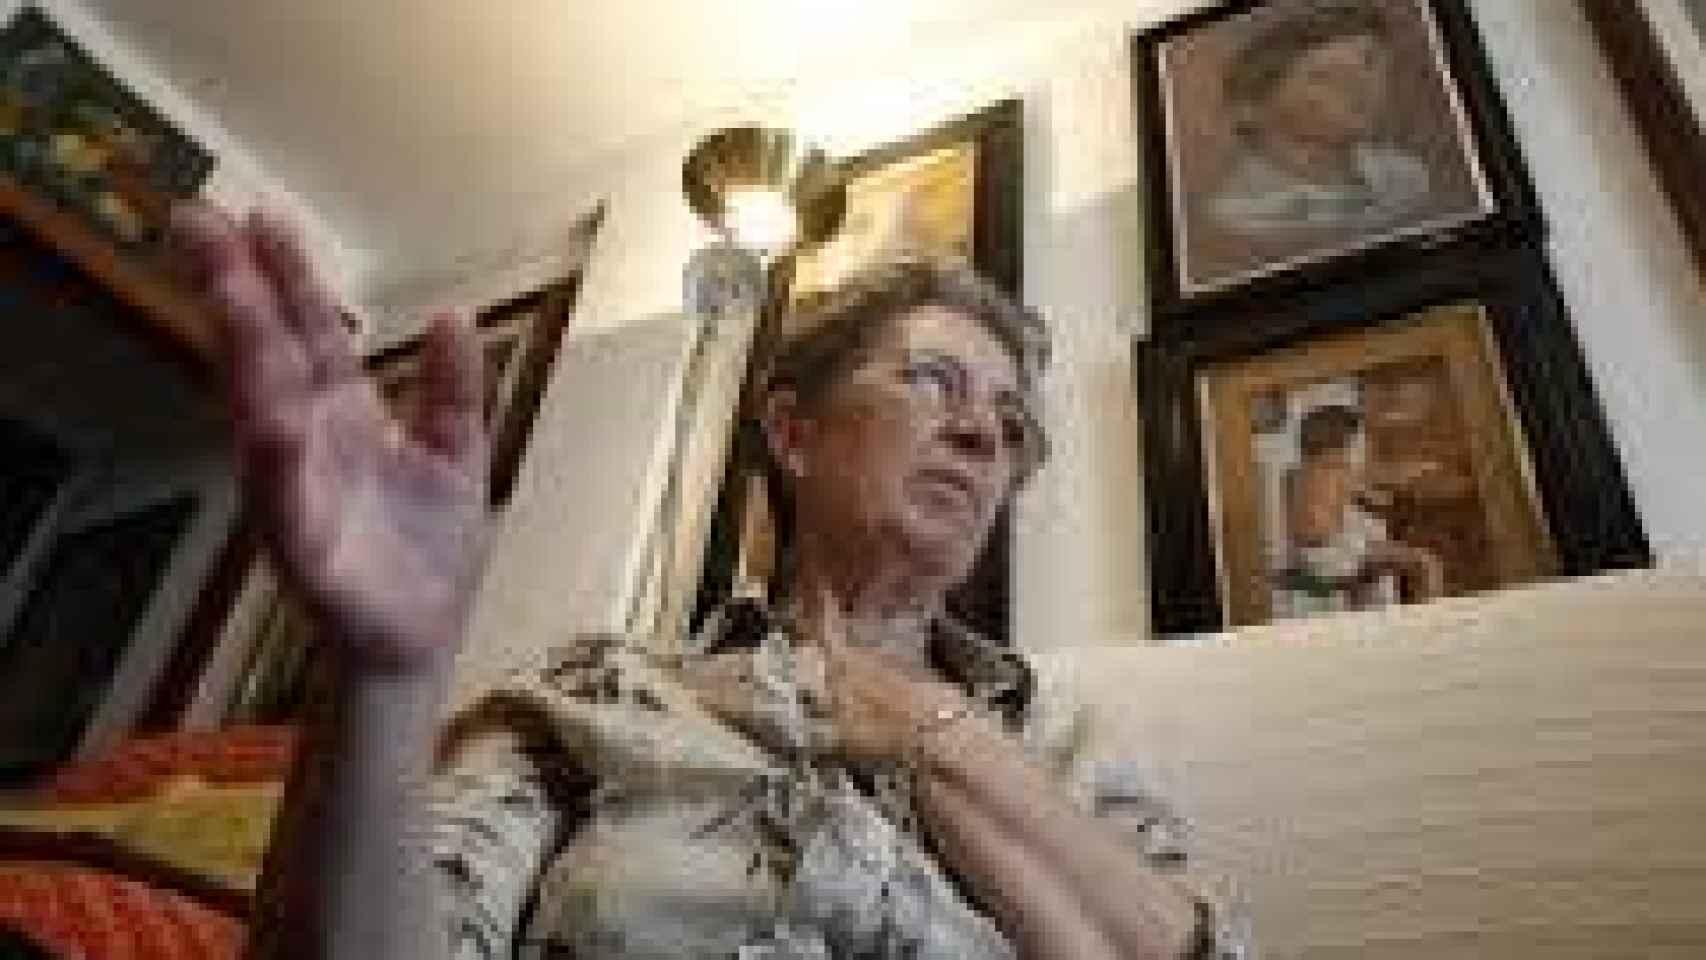 La madre de David ha tenido que dar por muerto a su hijo para poder abrir el testamento de su difunto marido.